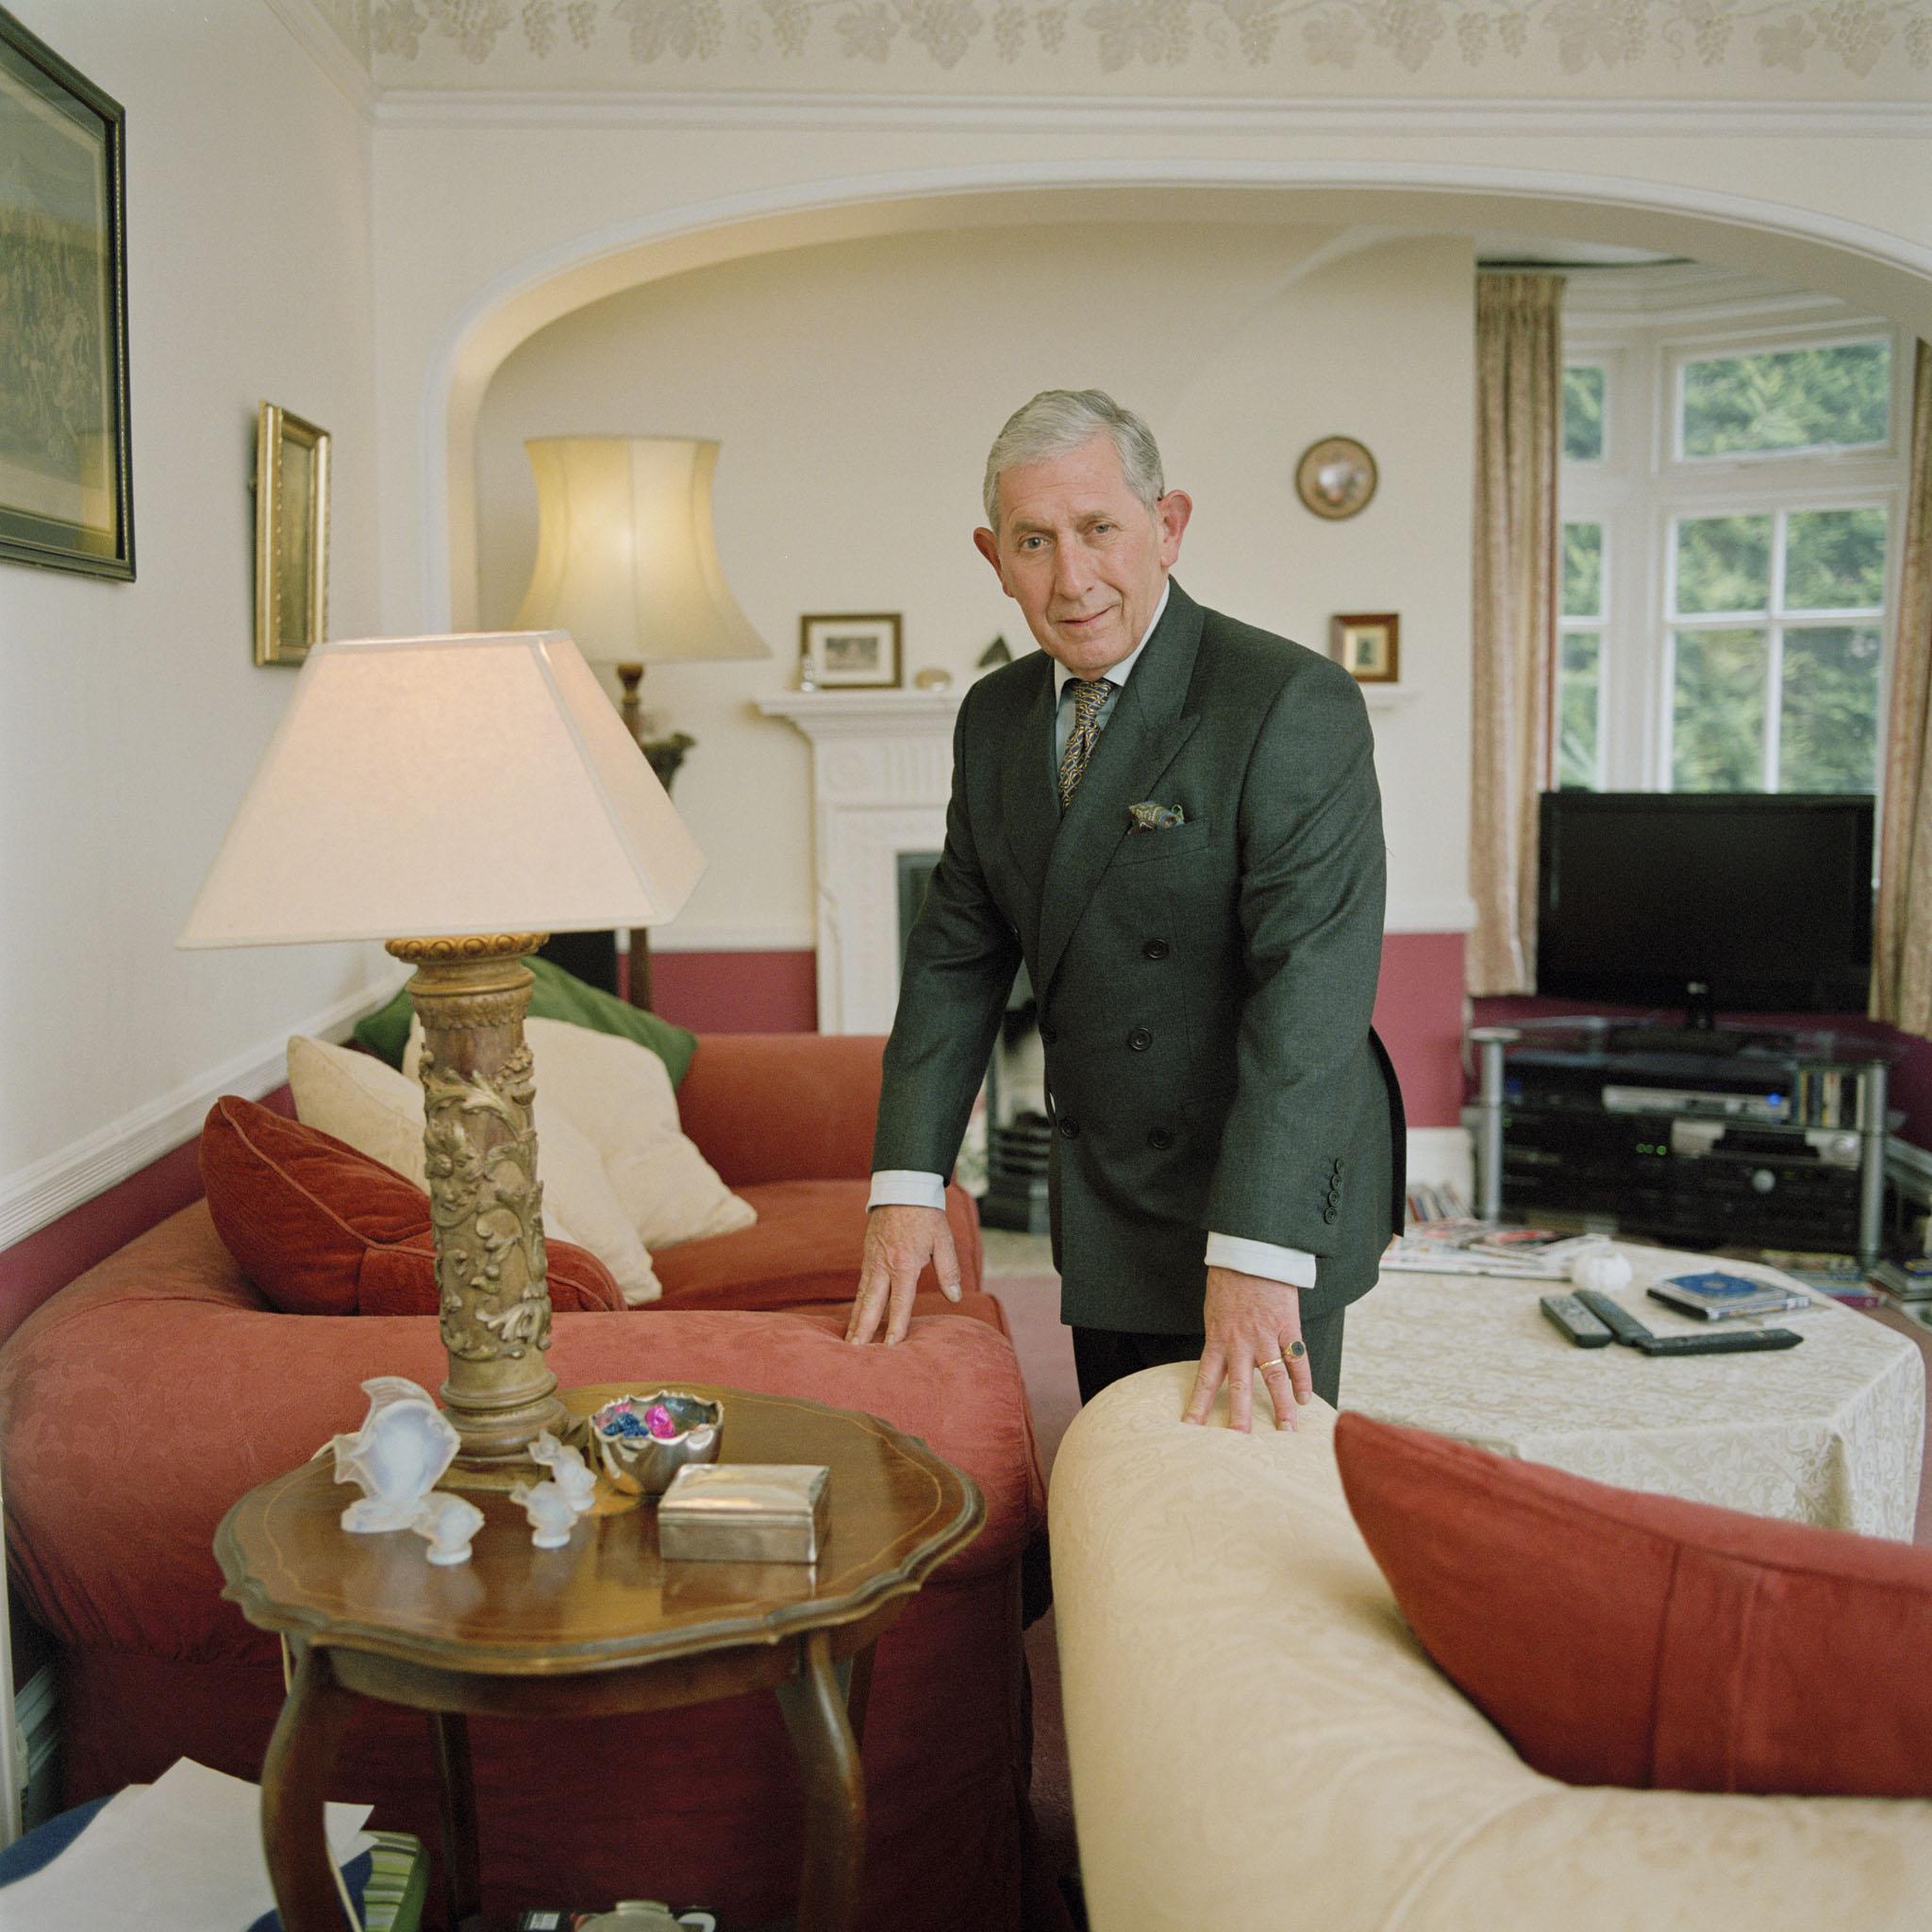 Peter Hugo alias Prince Charles